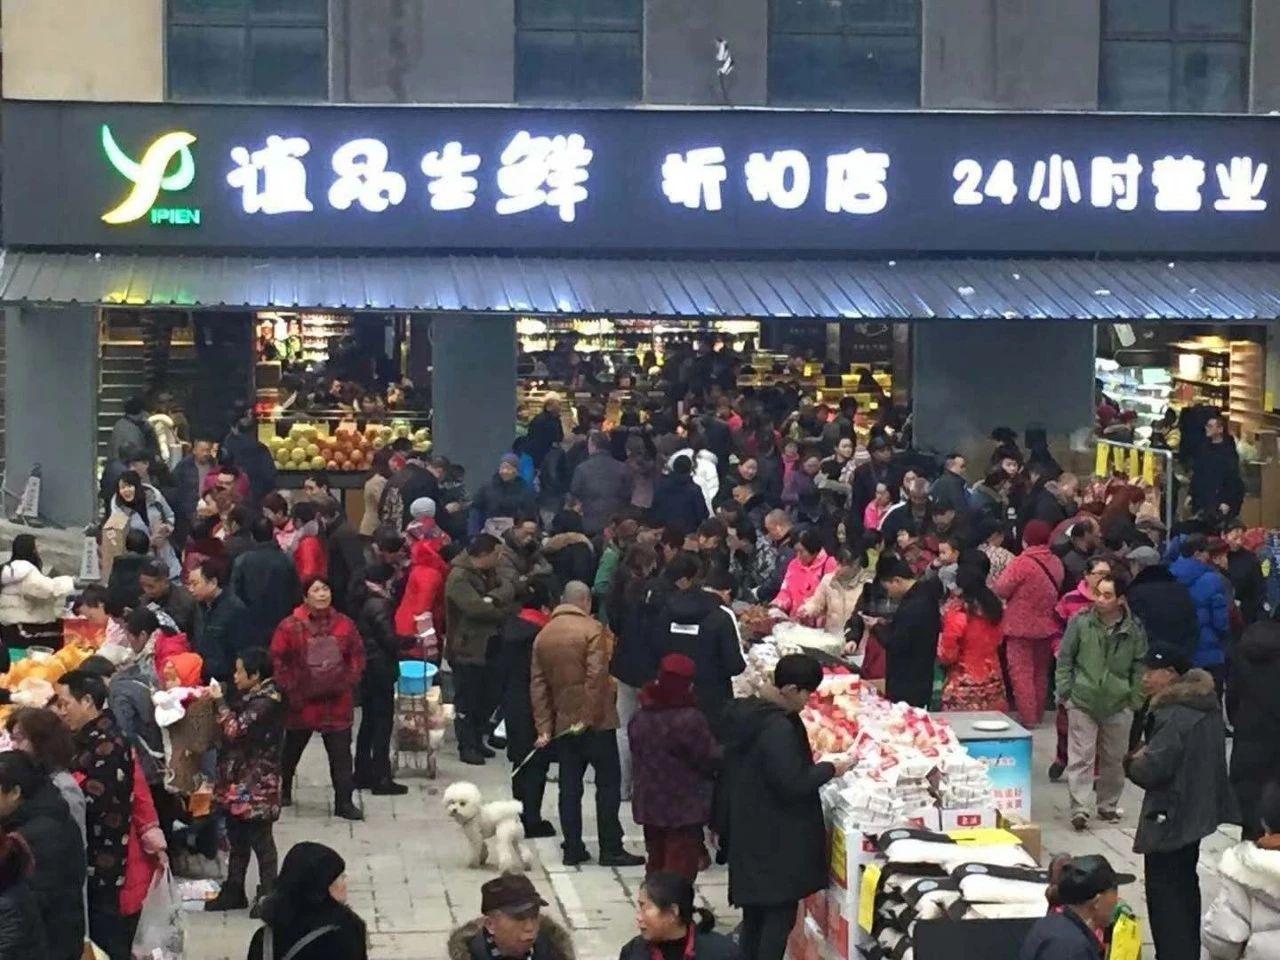 谊品生鲜江建飞:合肥线上月交易额超2000万,跟永辉MINI有差异